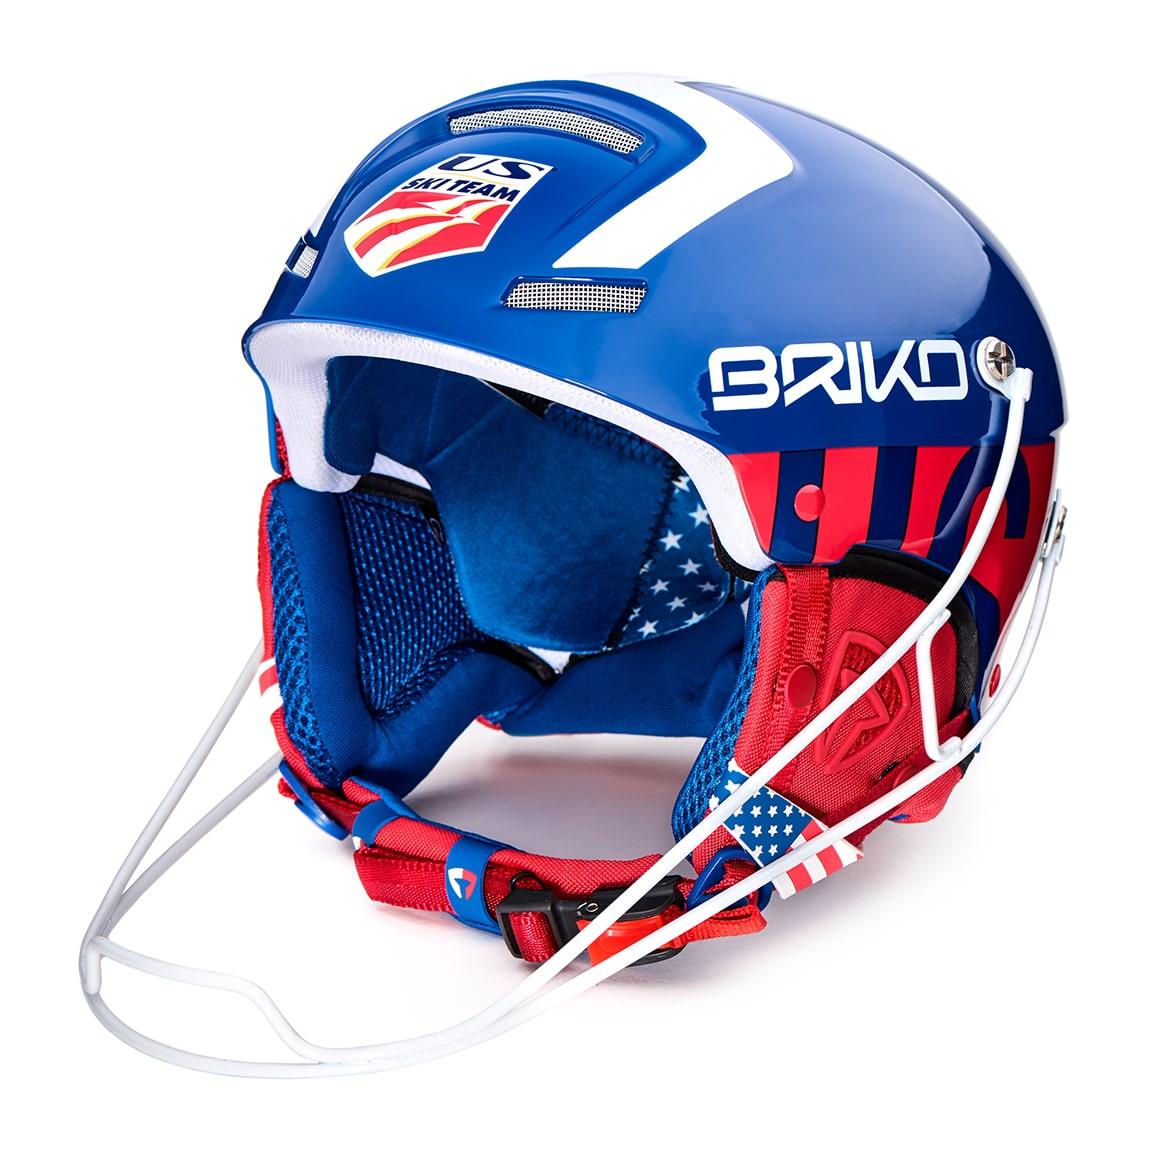 Briko USA Slalom Helmet - Blue